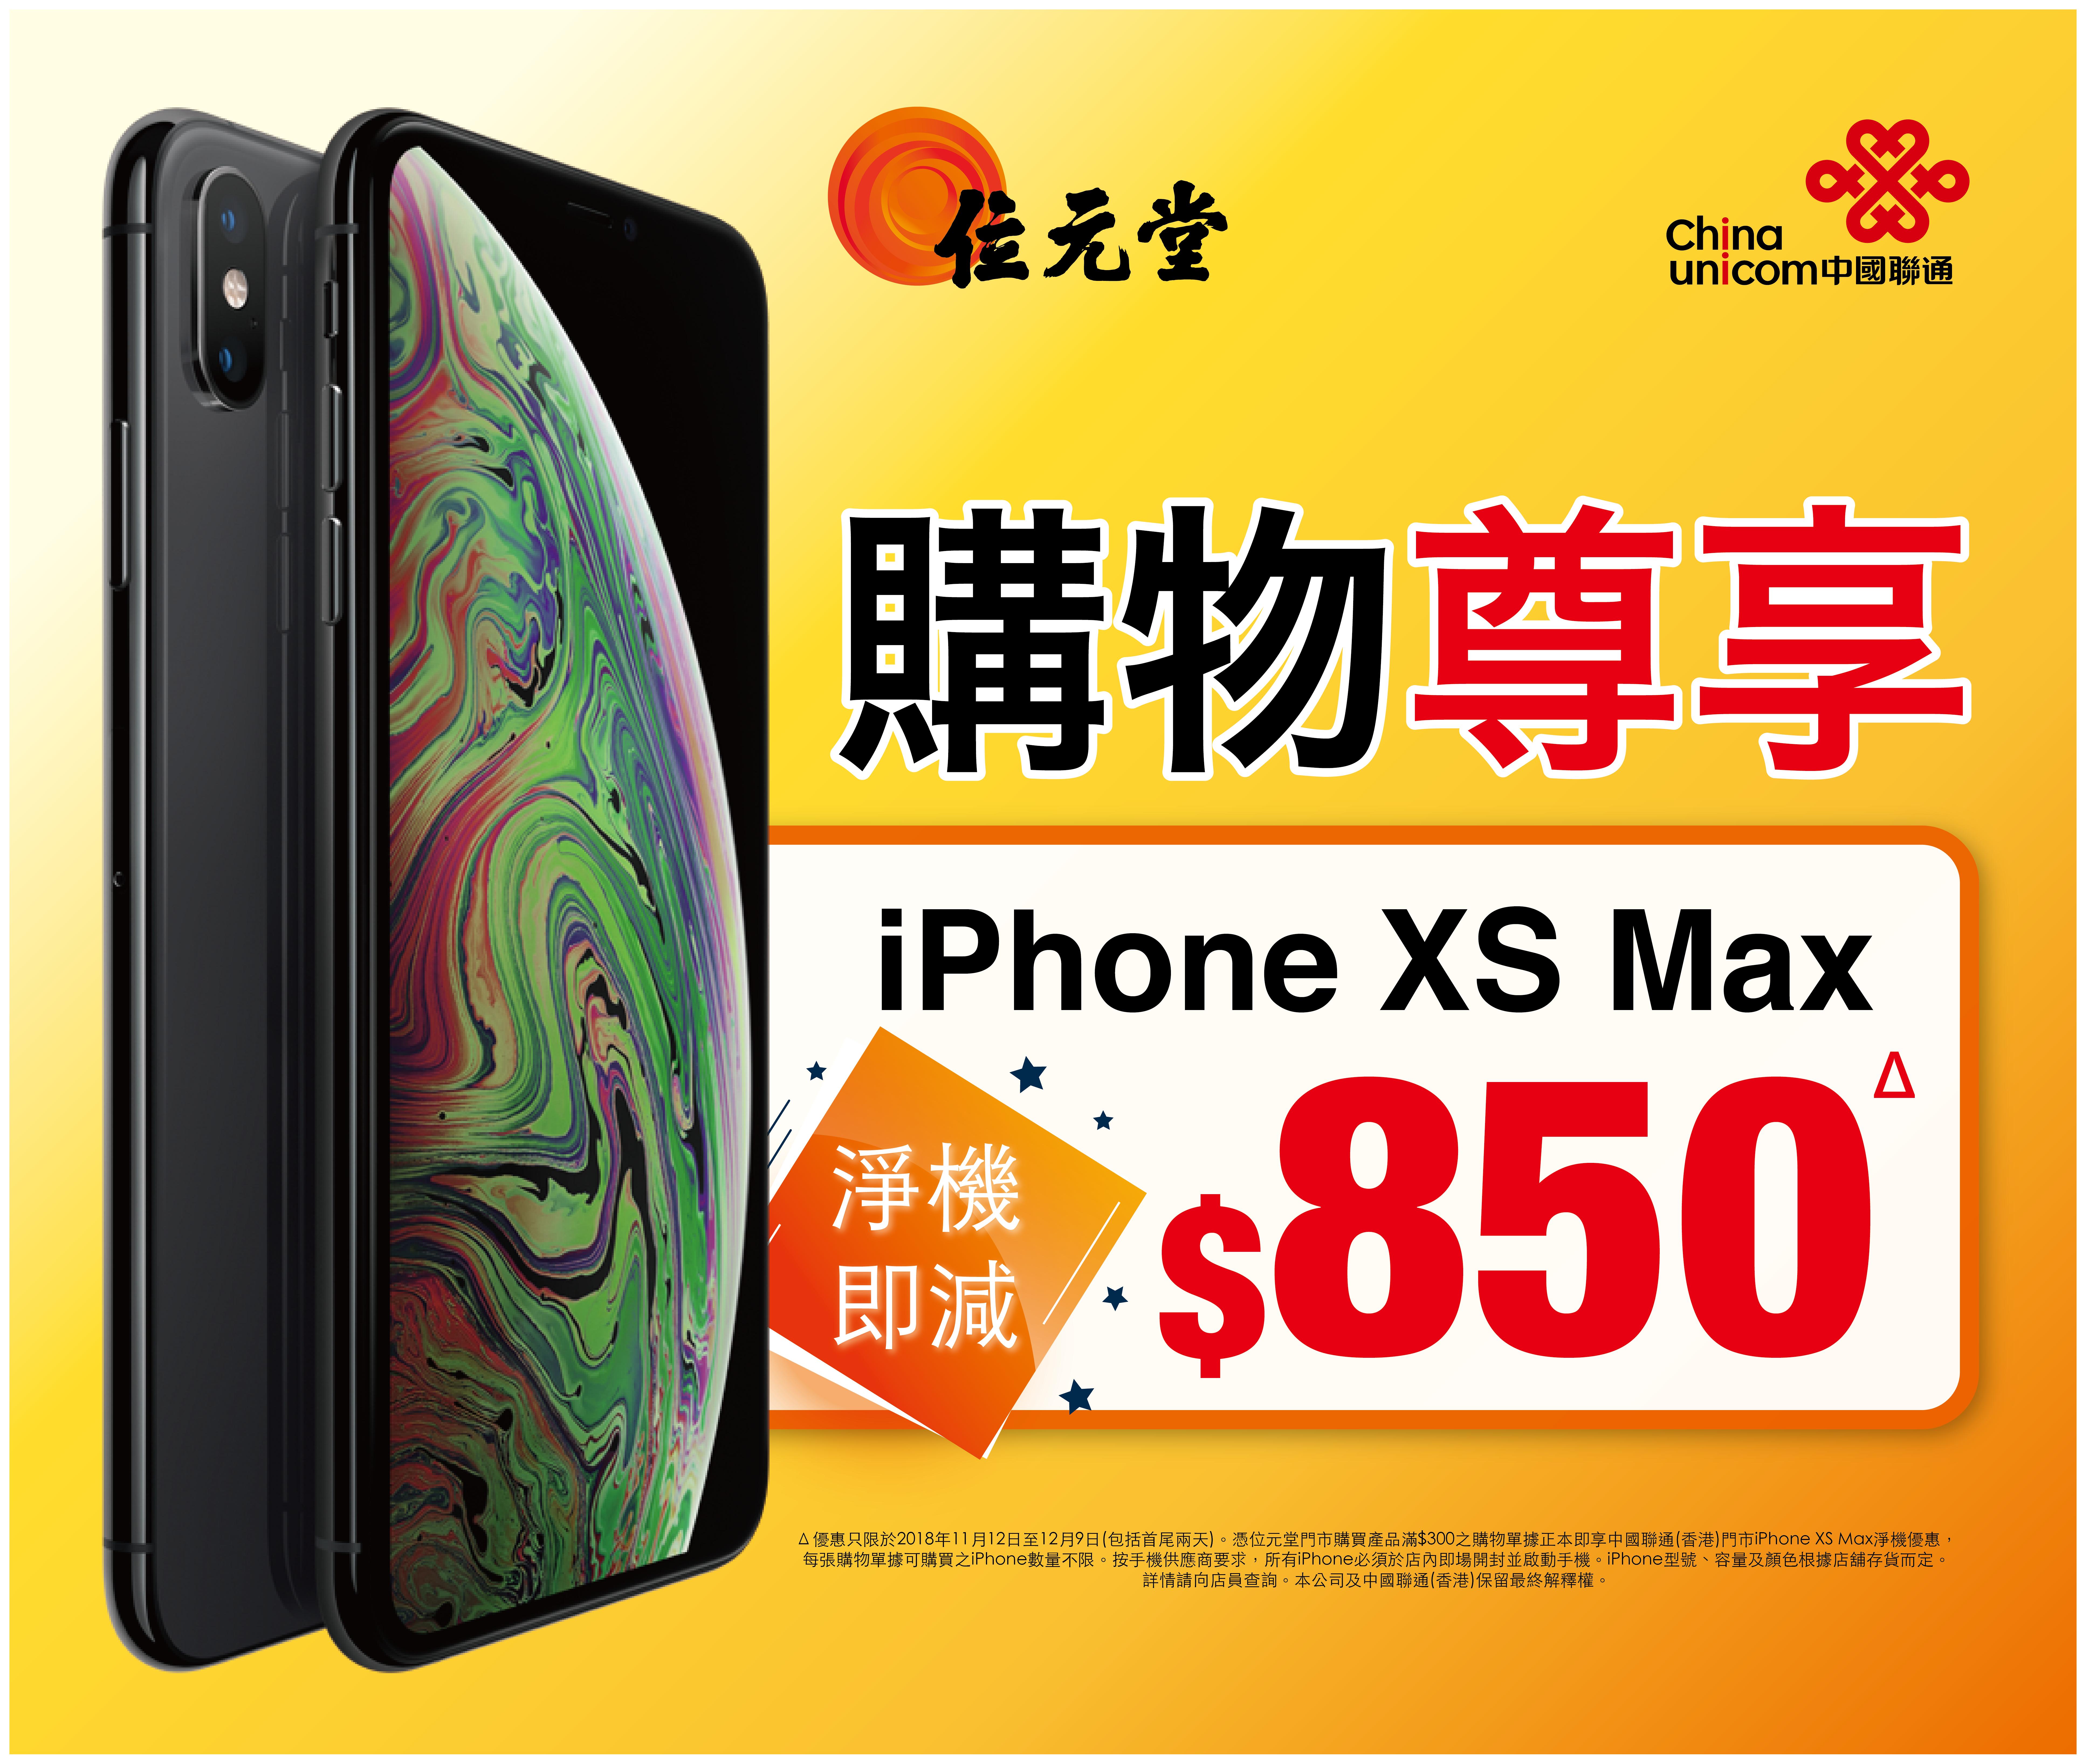 中國聯通購物尊享優惠